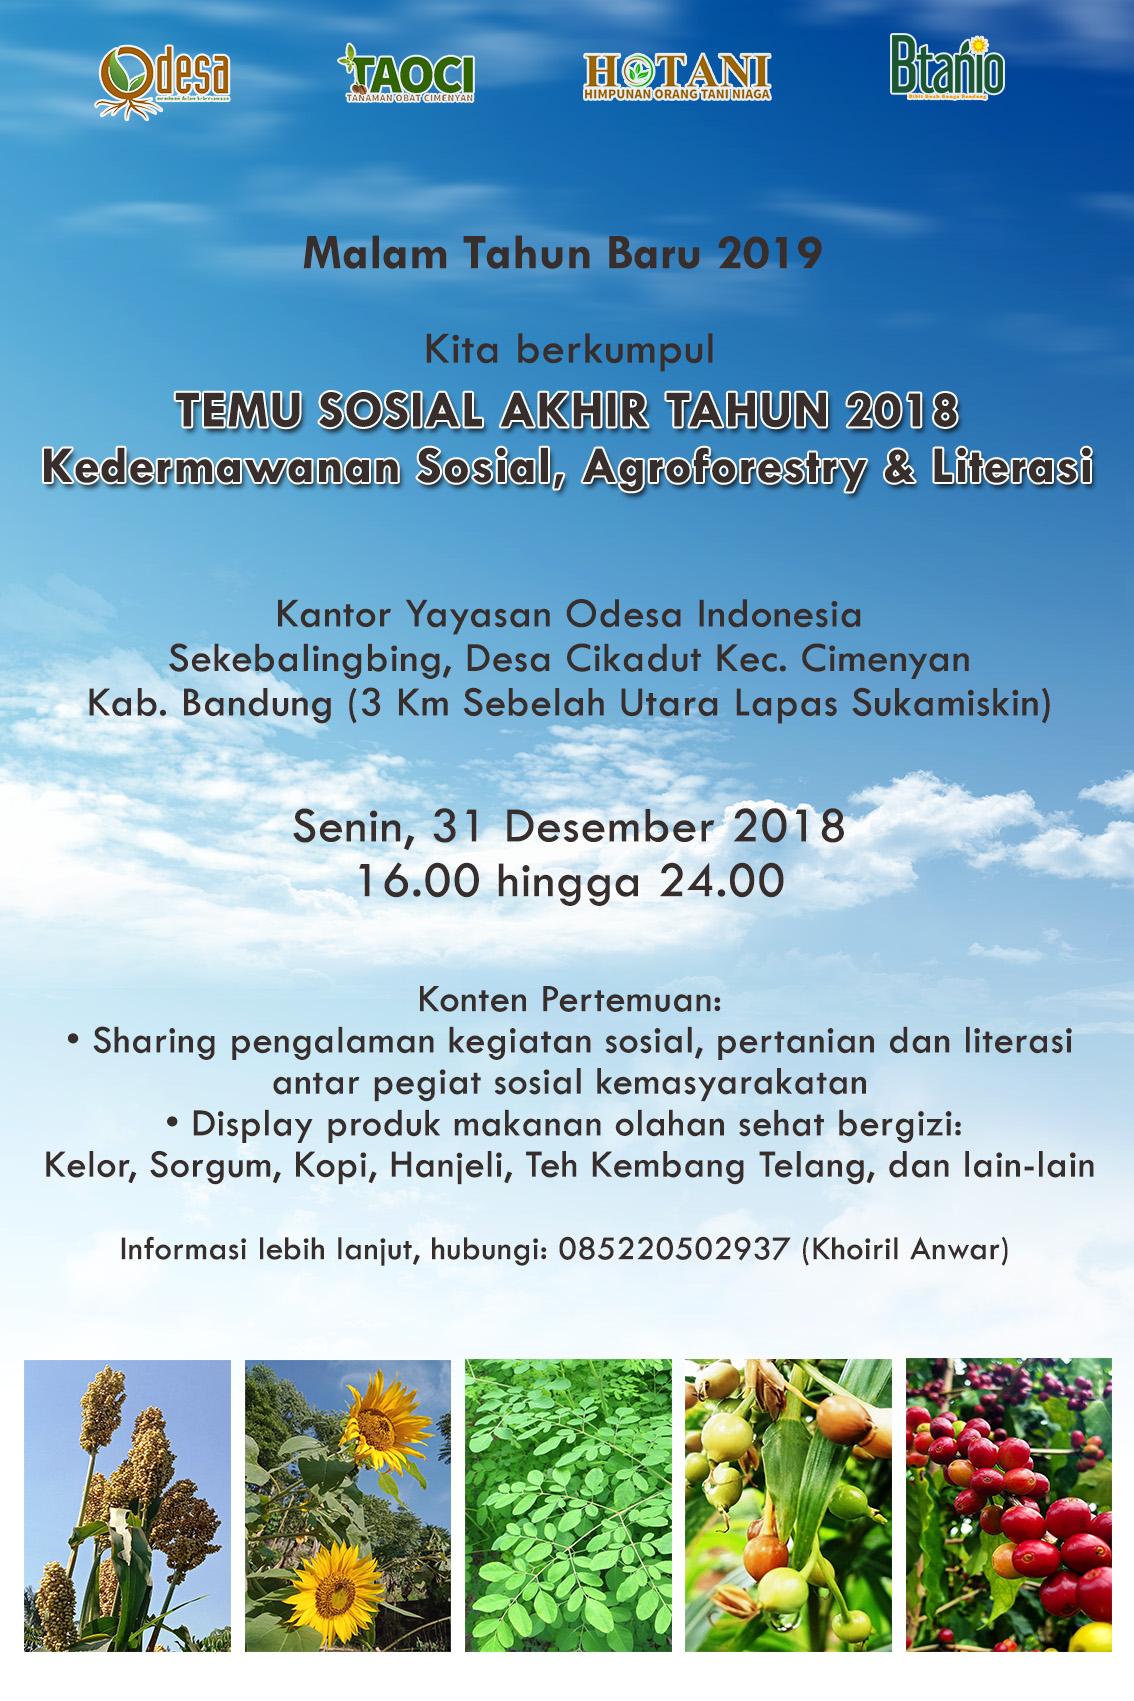 acara yayasan odesa indonesia 2018